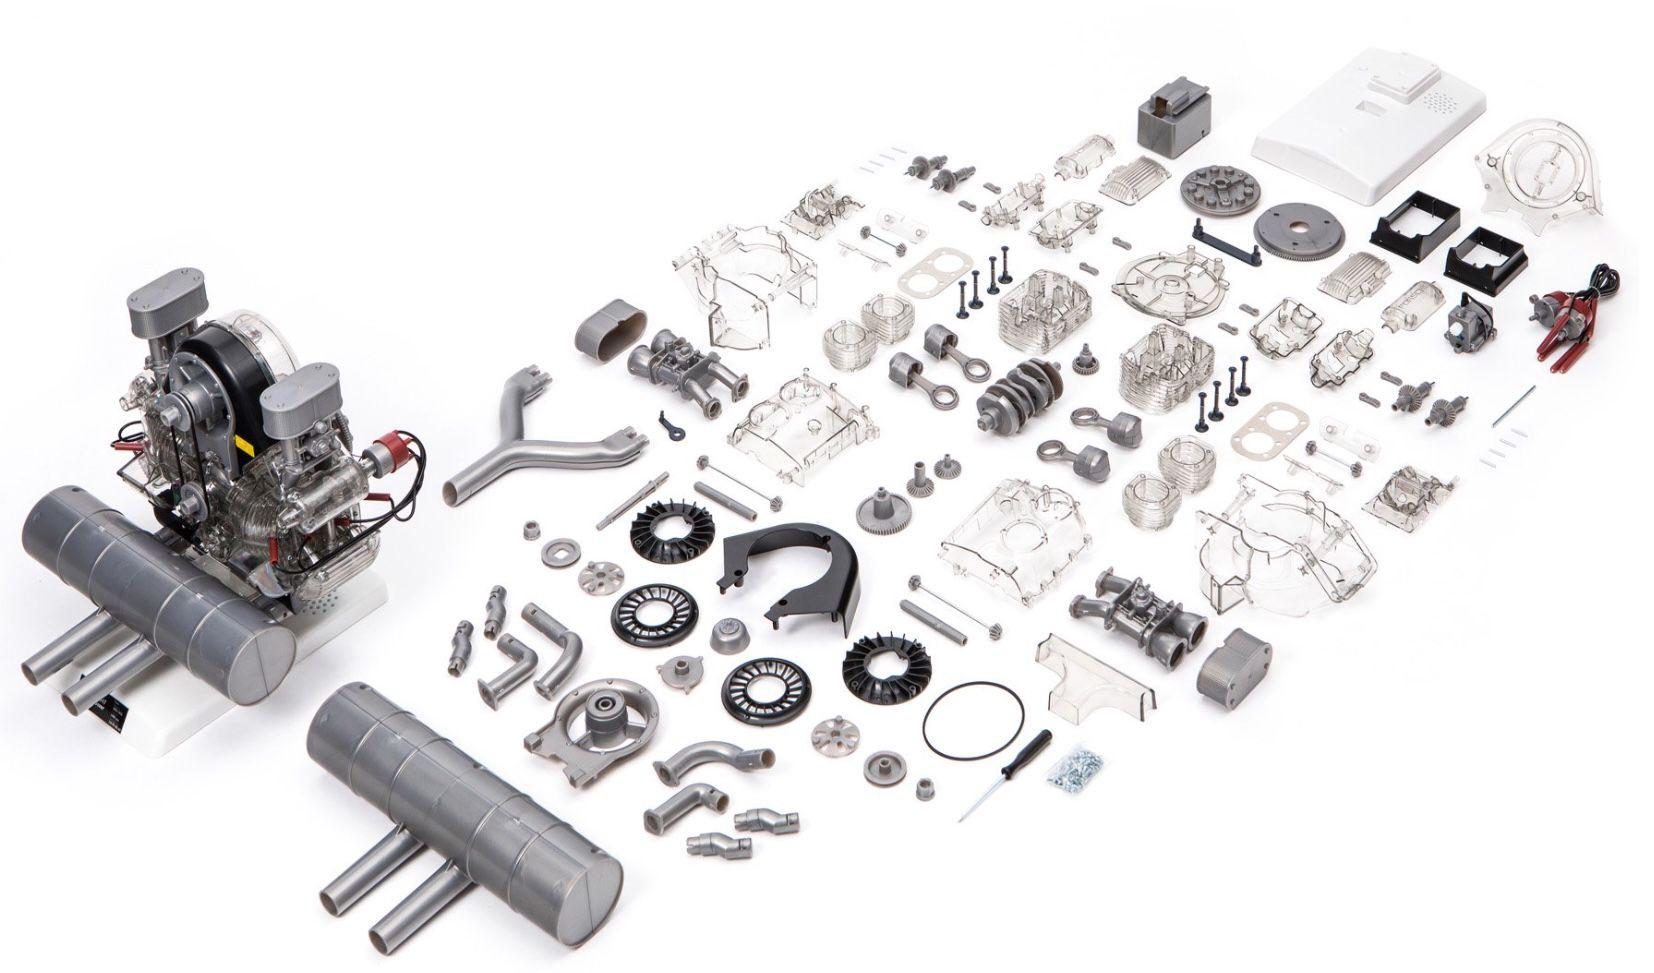 Porsche Carrera Rennmotor Funktionsmodell mit über 300 Bauteilen für 120€ (statt 155€)